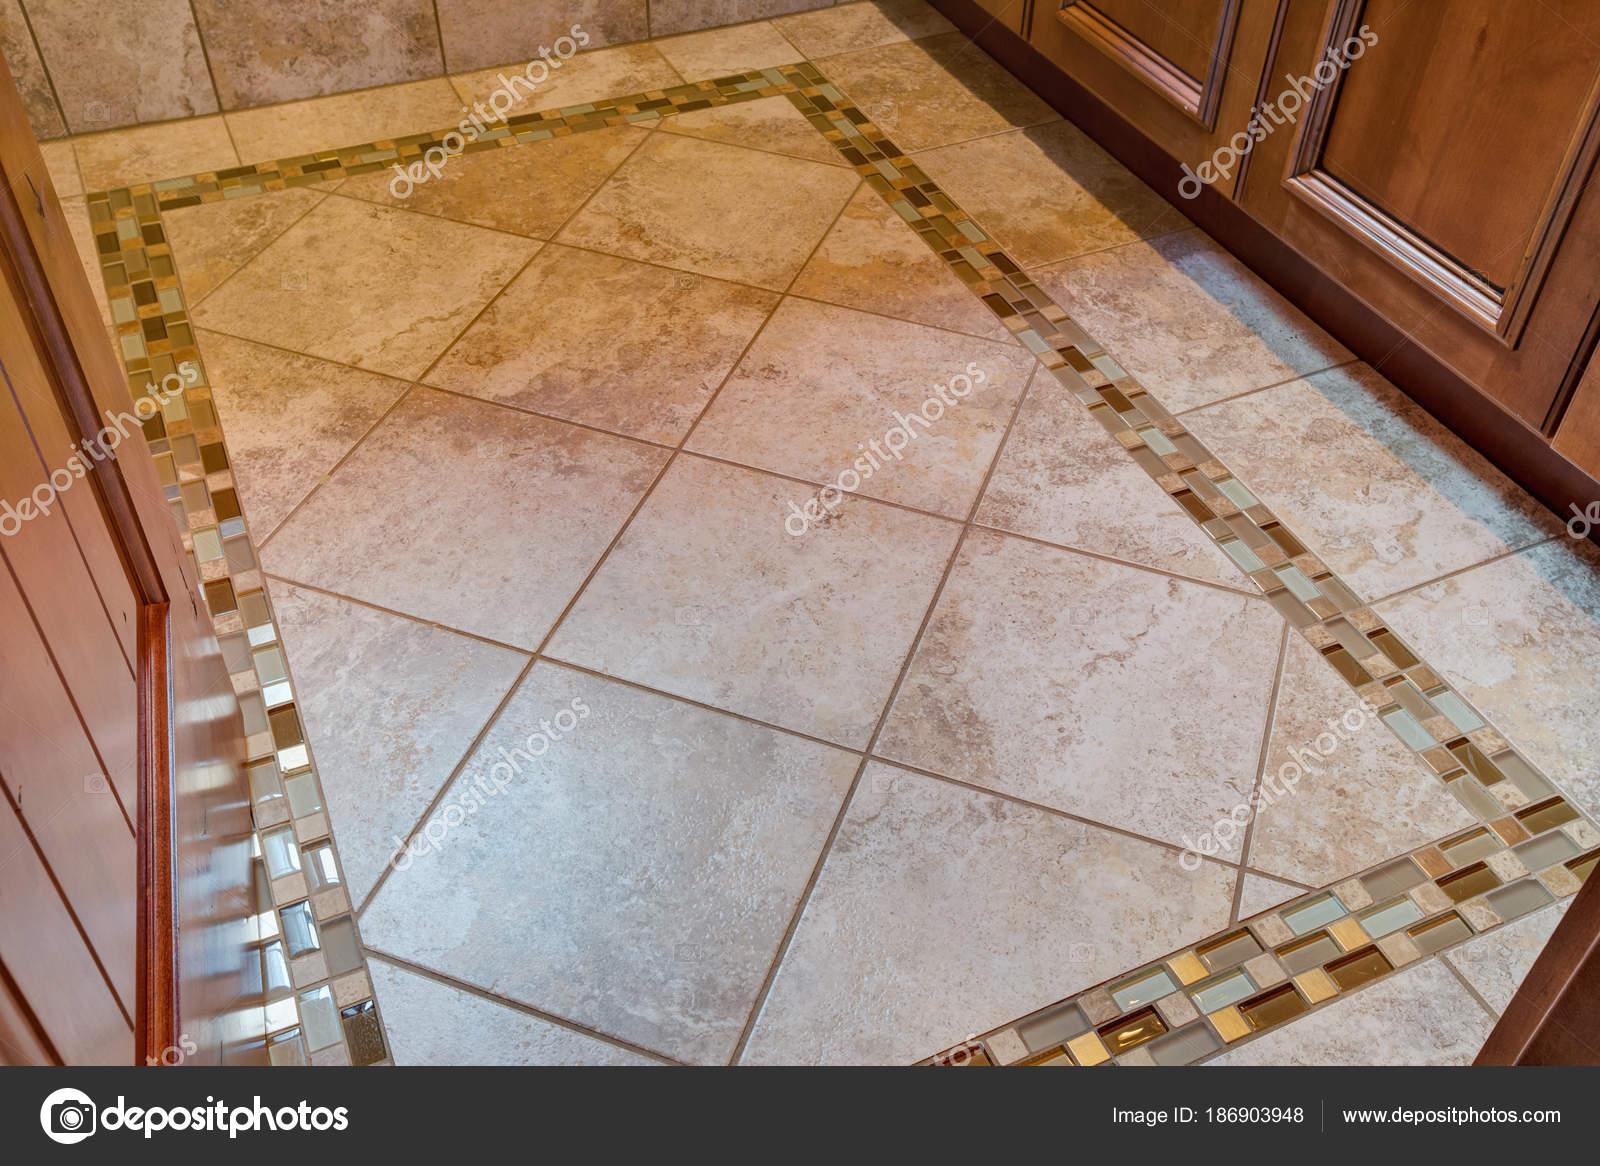 Fußboden Fliesen Marmor ~ Badfliesen für jeden geschmack groß denken xxl fliesen in